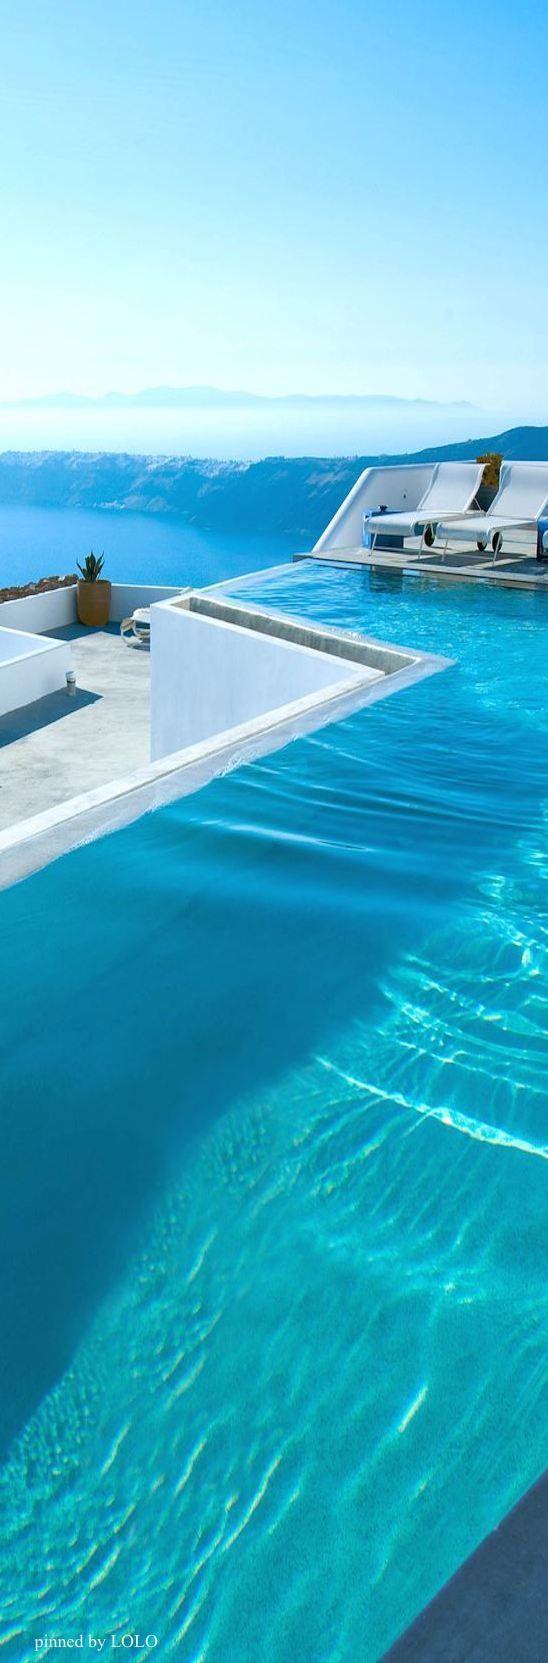 Relaxing - Resort - Spa - Grace , Santorini